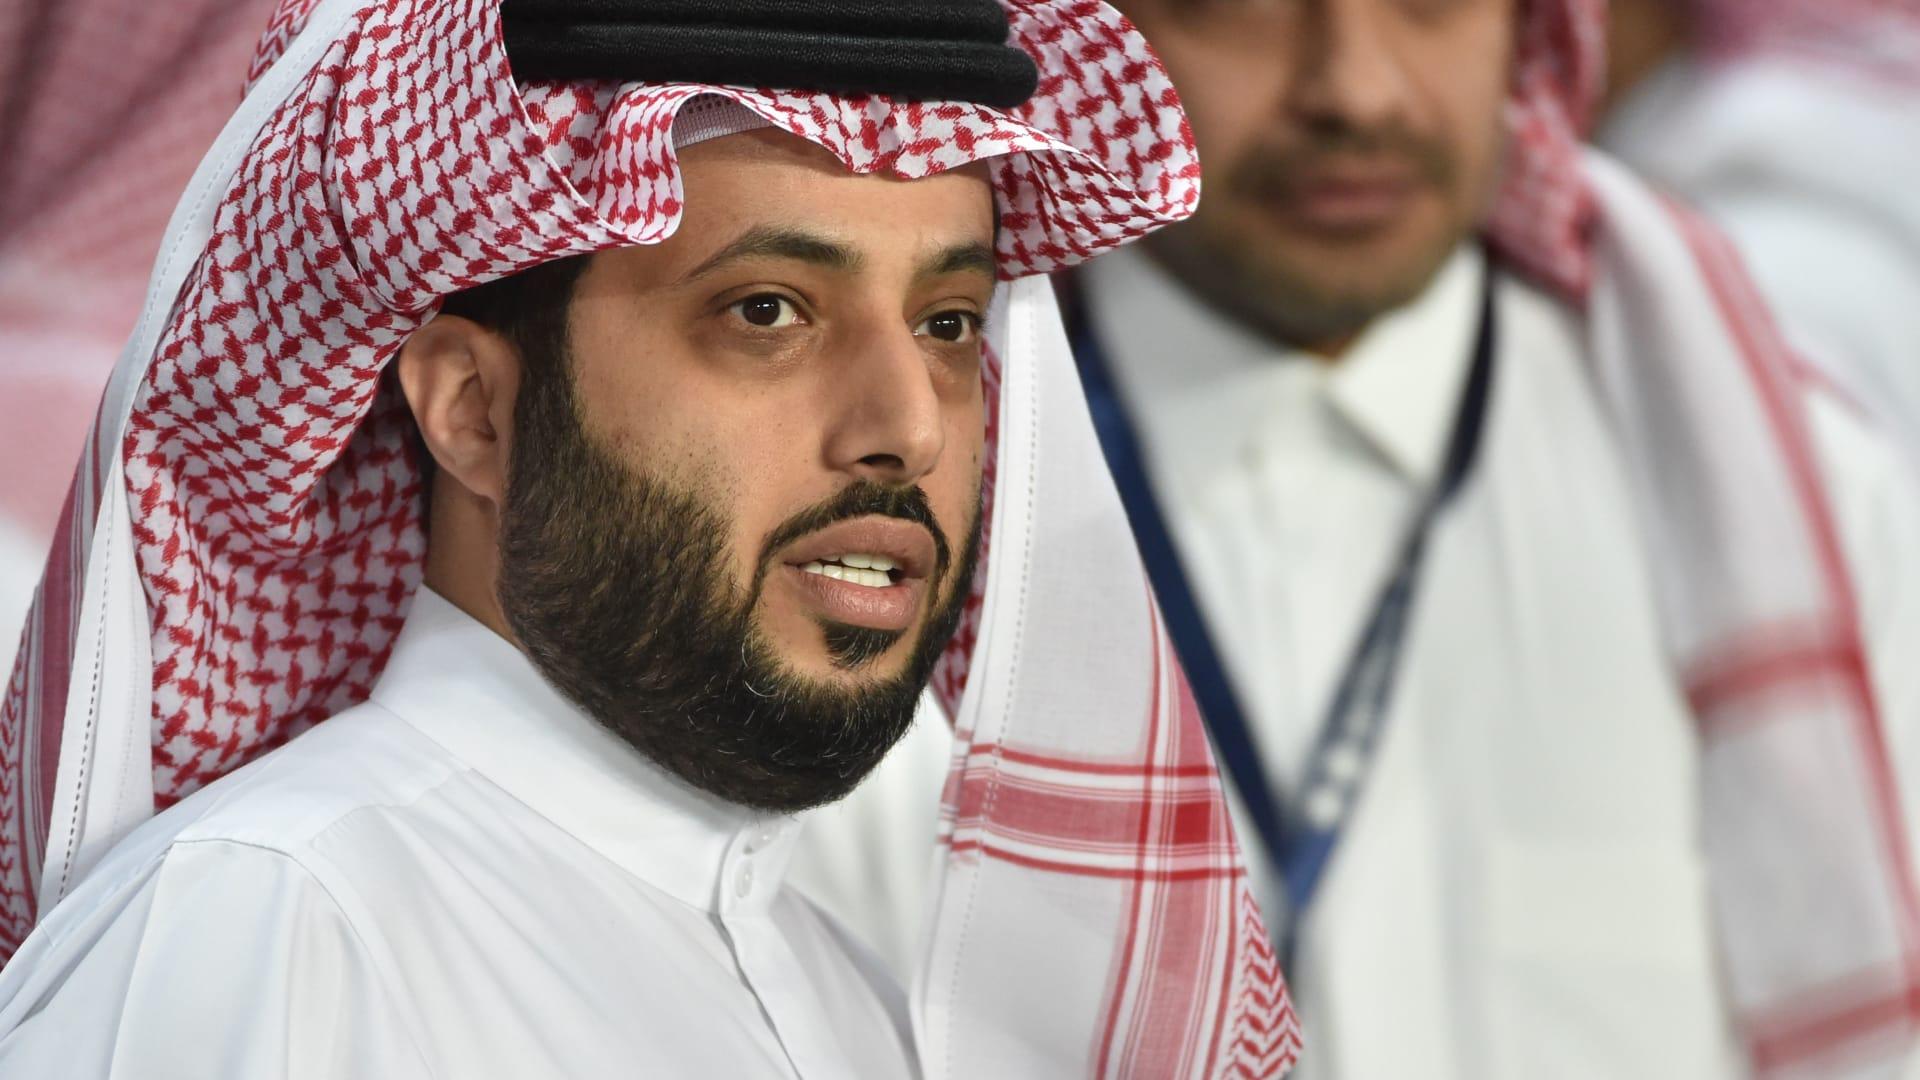 تركي آل الشيخ، رئيس الهيئة العامة للترفيه بالسعودية، يحضر مباراة كرة قدم ودية بين البرازيل والأرجنتين في الرياض